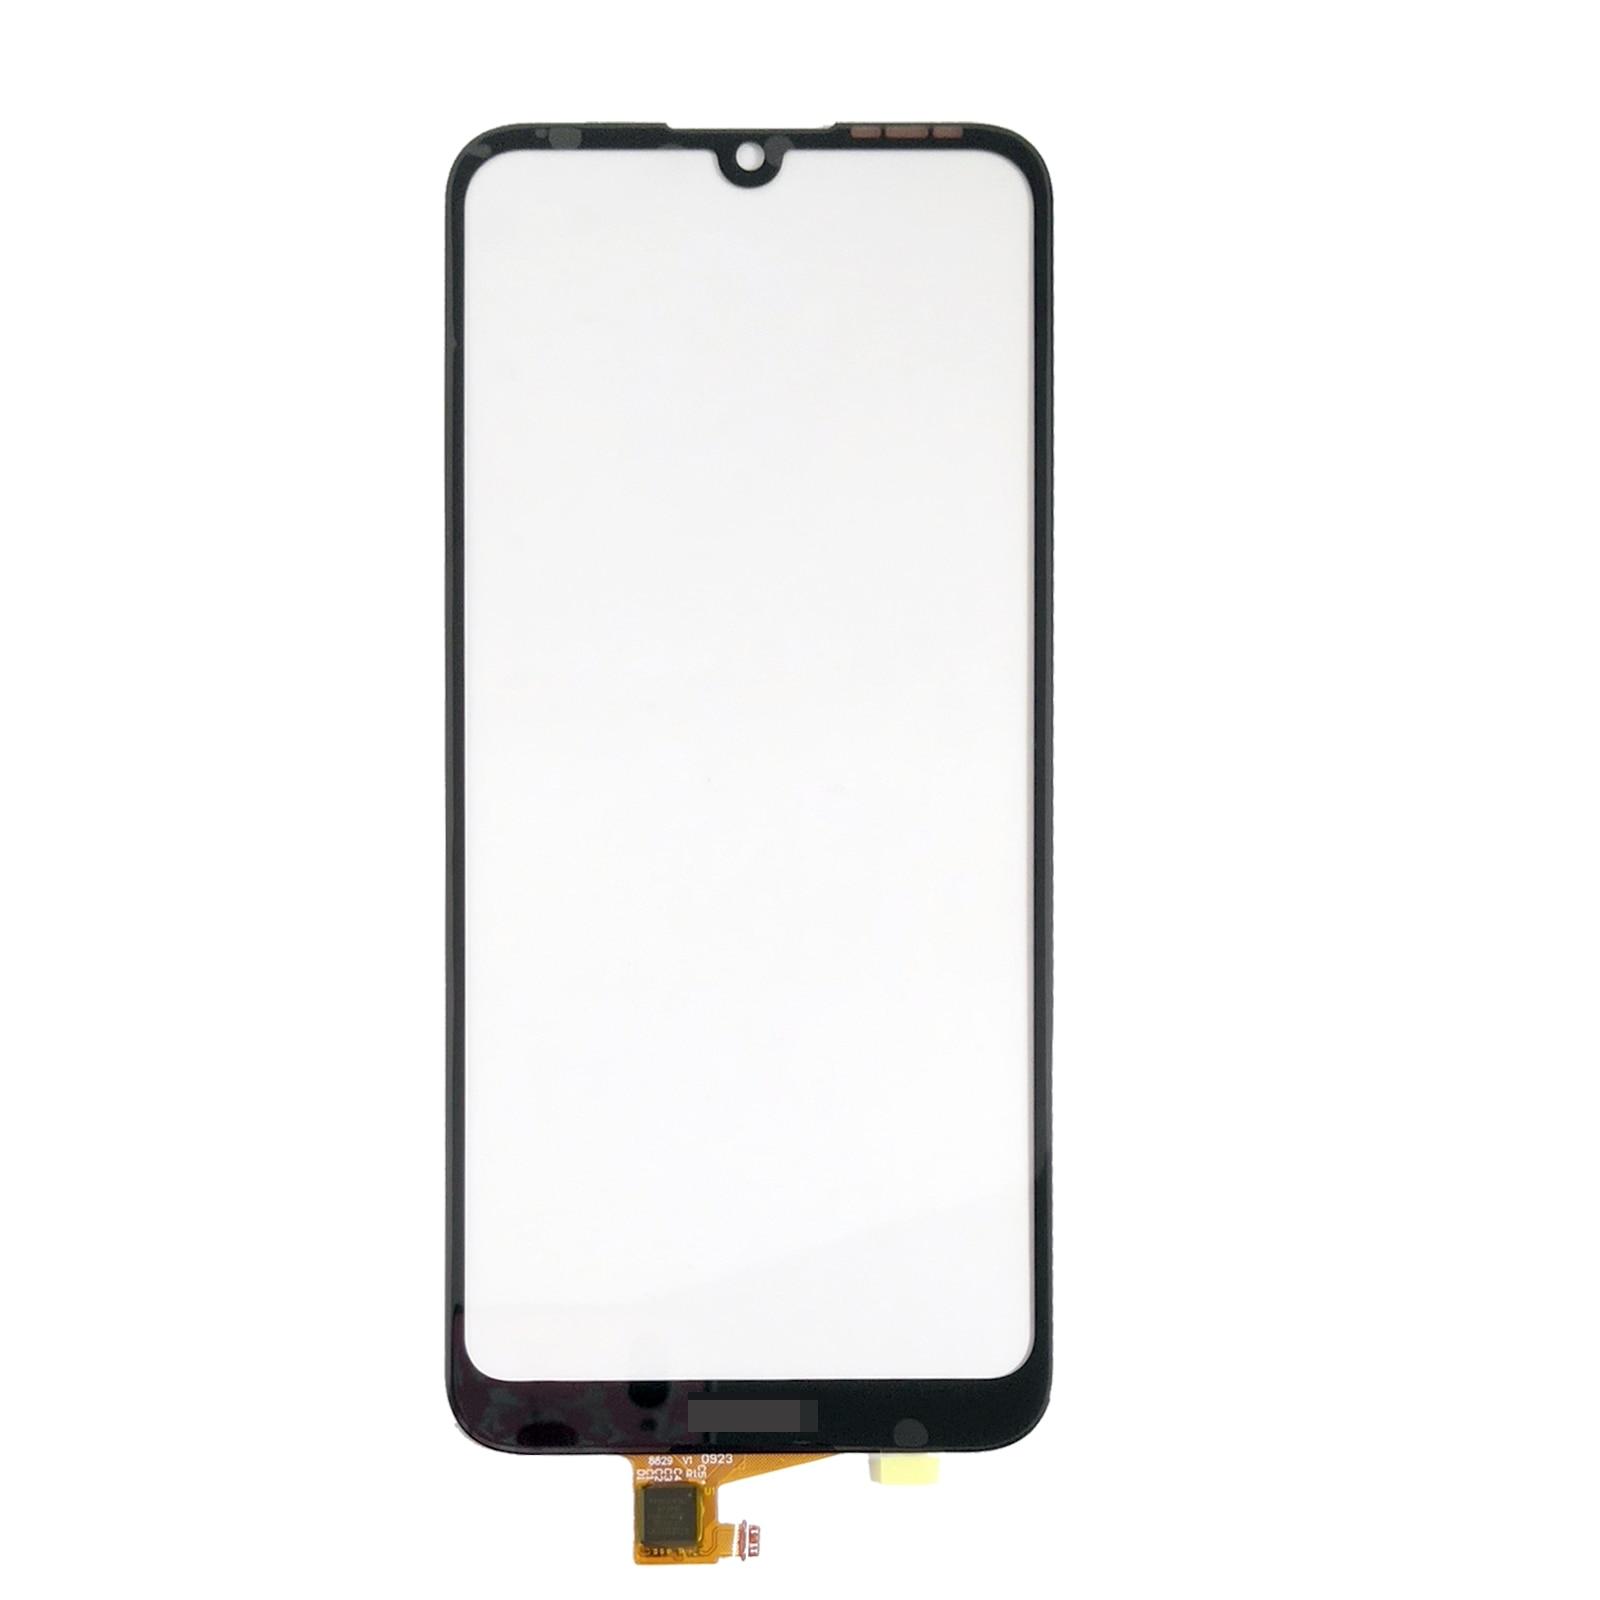 """רשימת הקטגוריות Shyueda 100% בניו 6.09"""" עבור Huawei Y6 Pro 2019 MRD-LX2 L22 L23 Outer חזית זכוכית מסך מגע (2)"""